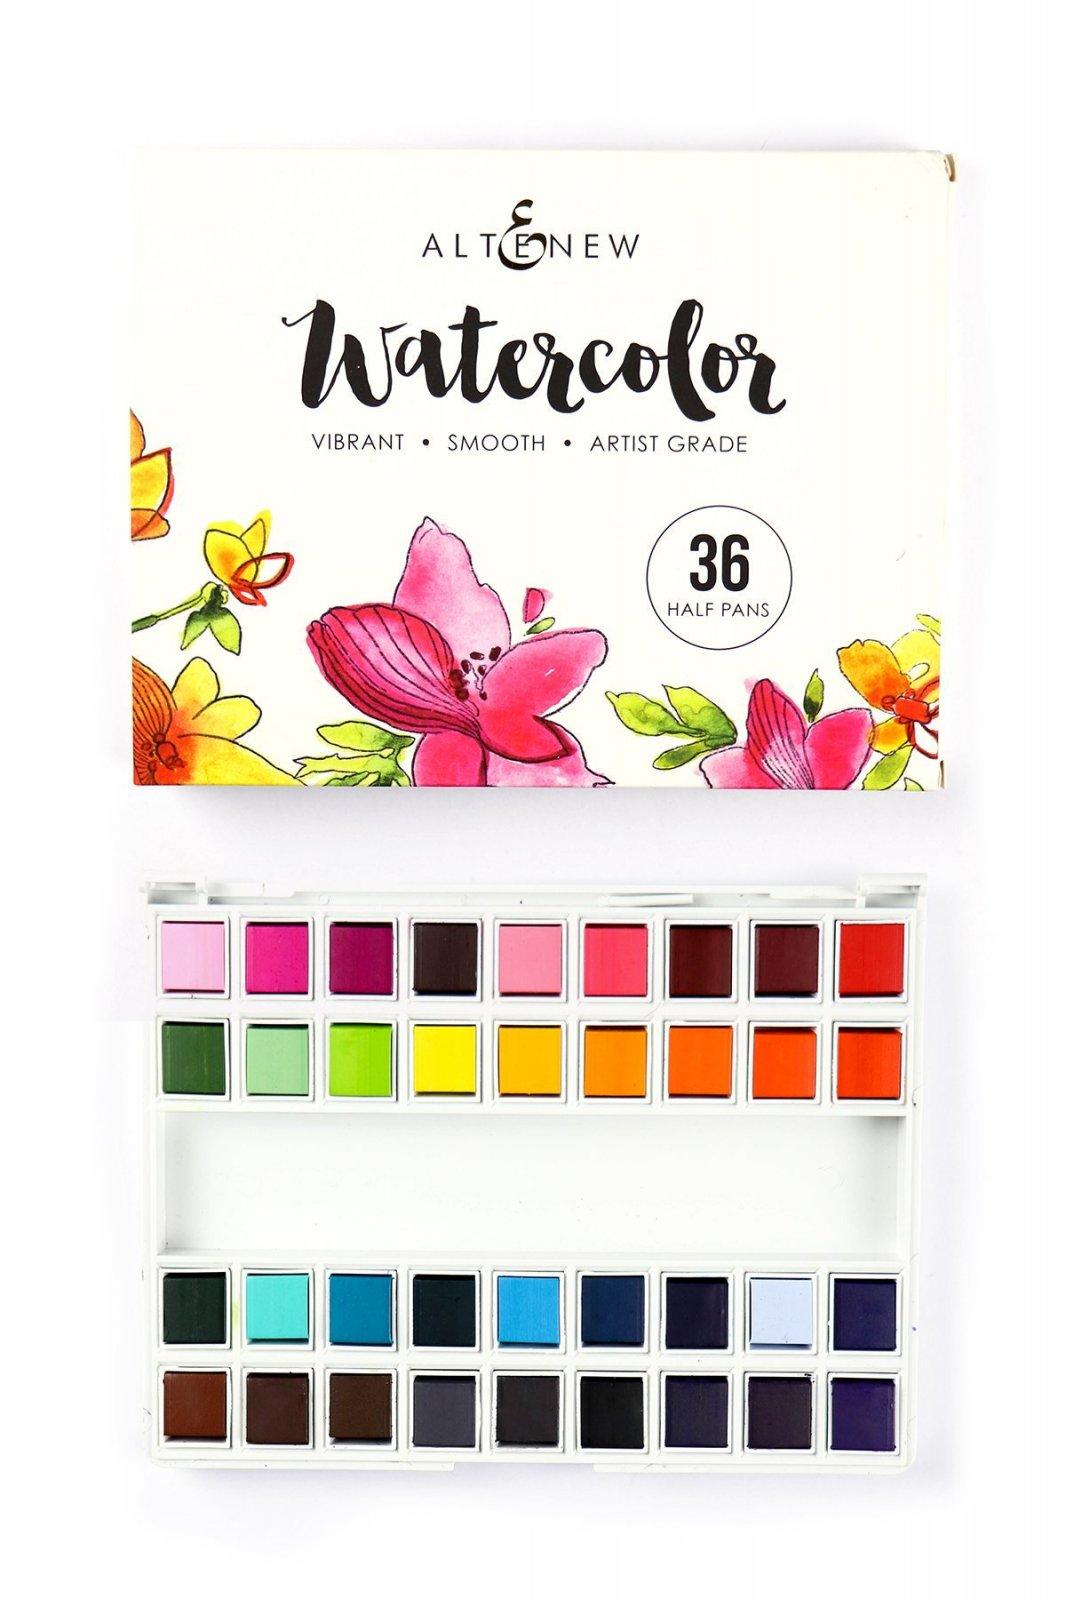 Aquarelle vibrante, ensemble de 36 demi-godets - Watercolor vibrant 36 half pans kit